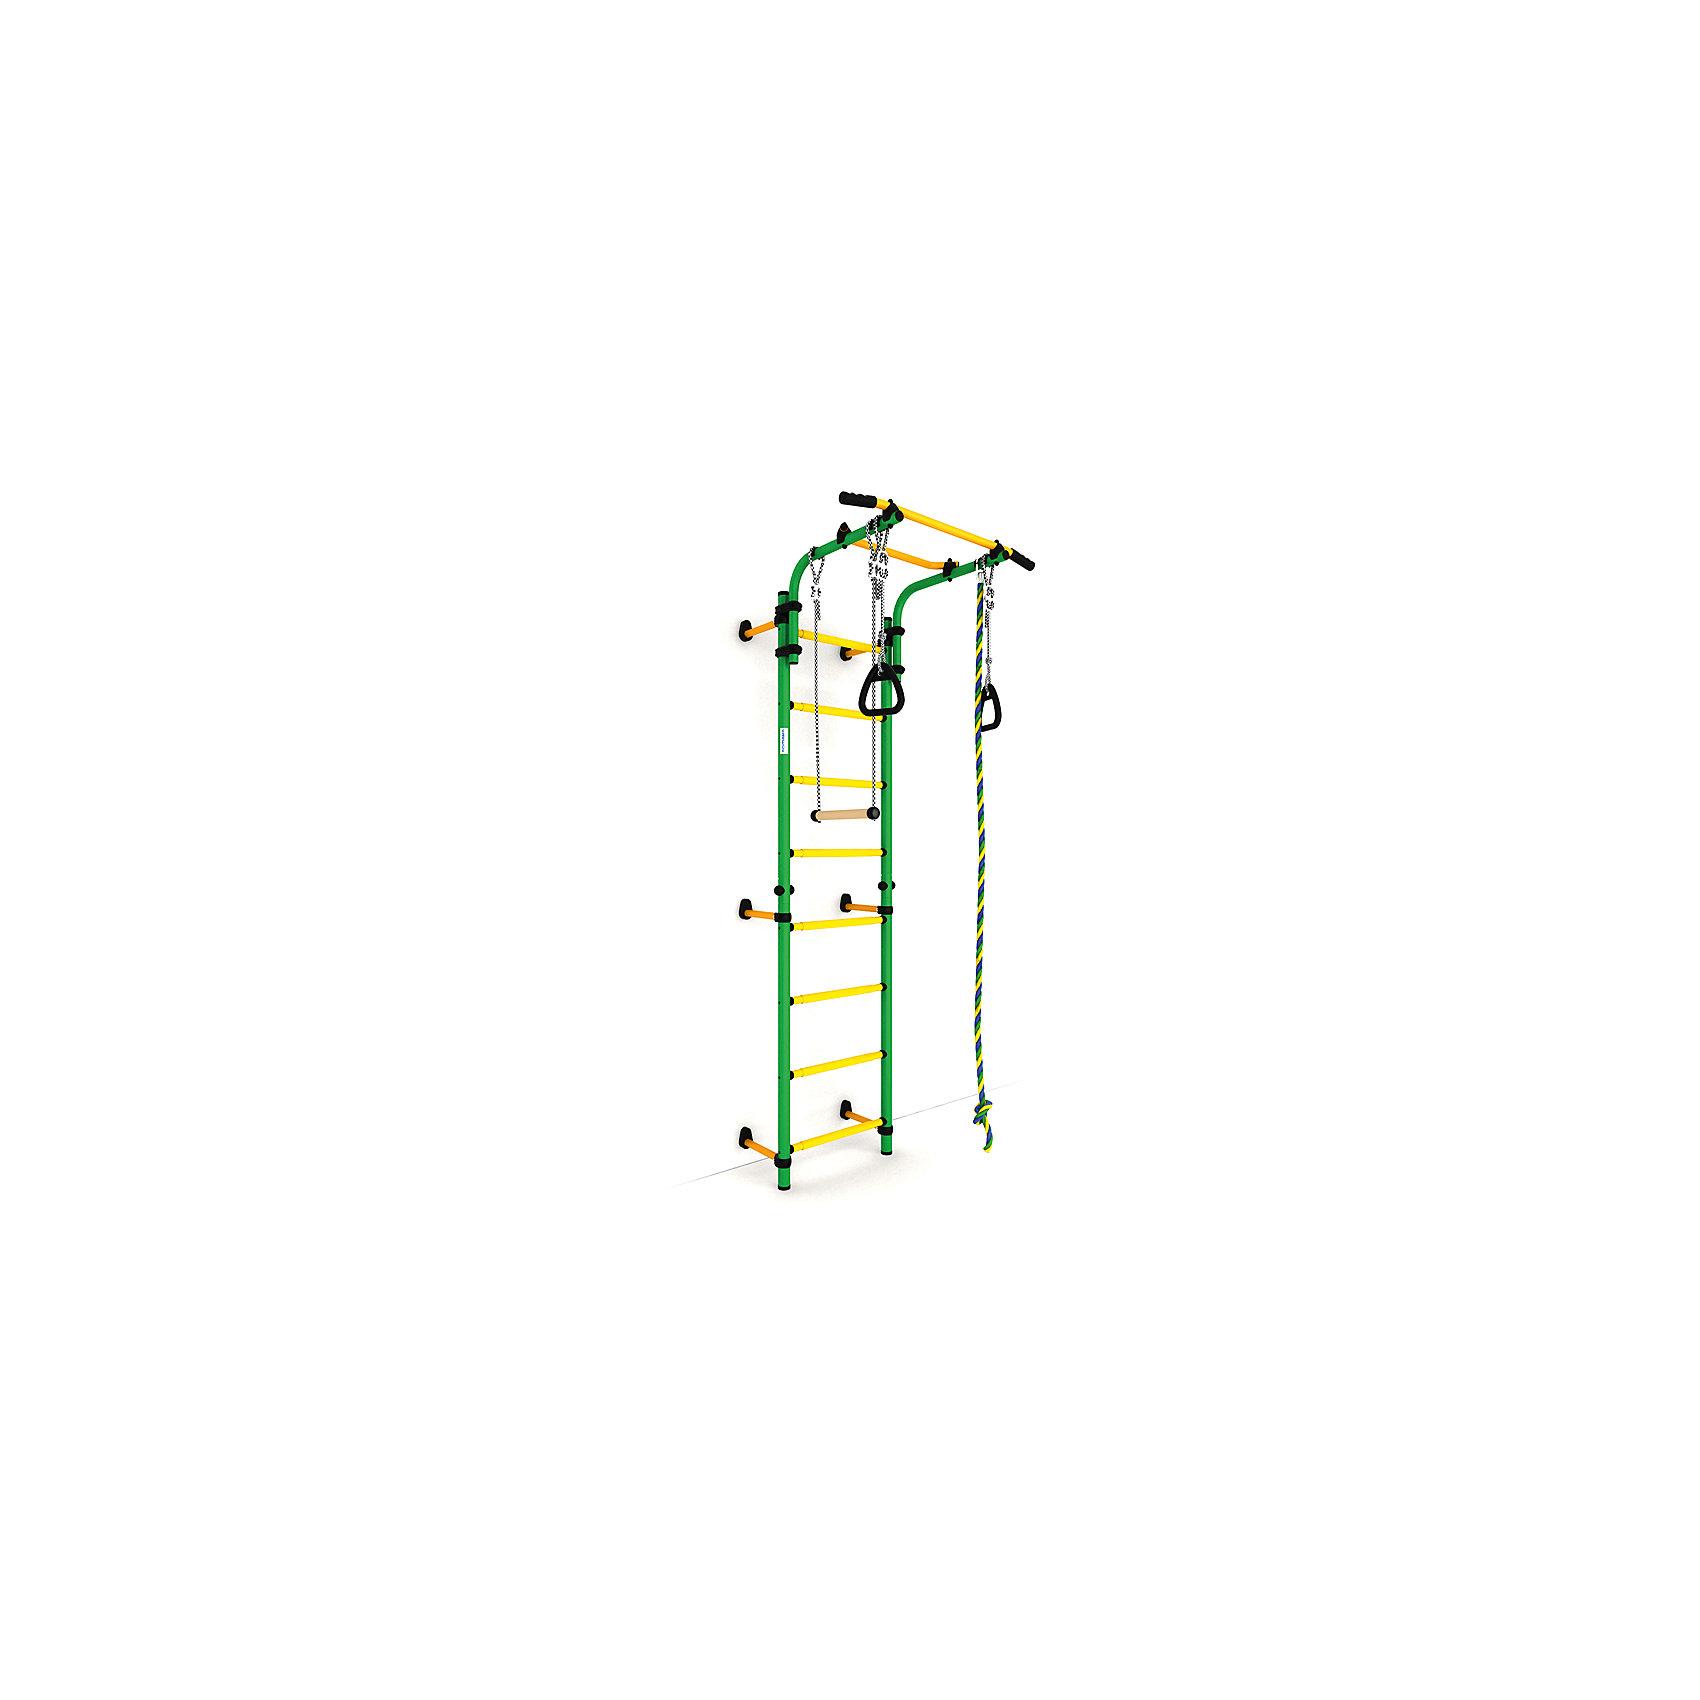 Шведская лестница Комета NEXT-1 (410 мм), зеленый-желтыйШведская стенка с креплениями к стене Комета NEXT 1 - самый популярный домашний спортивный комплекс. Турник, регулируемый по длине лестницы, позволяет делать упражнения на комфортной для пользователя высоте.<br><br>Ширина мм: 1160<br>Глубина мм: 535<br>Высота мм: 140<br>Вес г: 18000<br>Возраст от месяцев: 36<br>Возраст до месяцев: 192<br>Пол: Унисекс<br>Возраст: Детский<br>SKU: 5251541